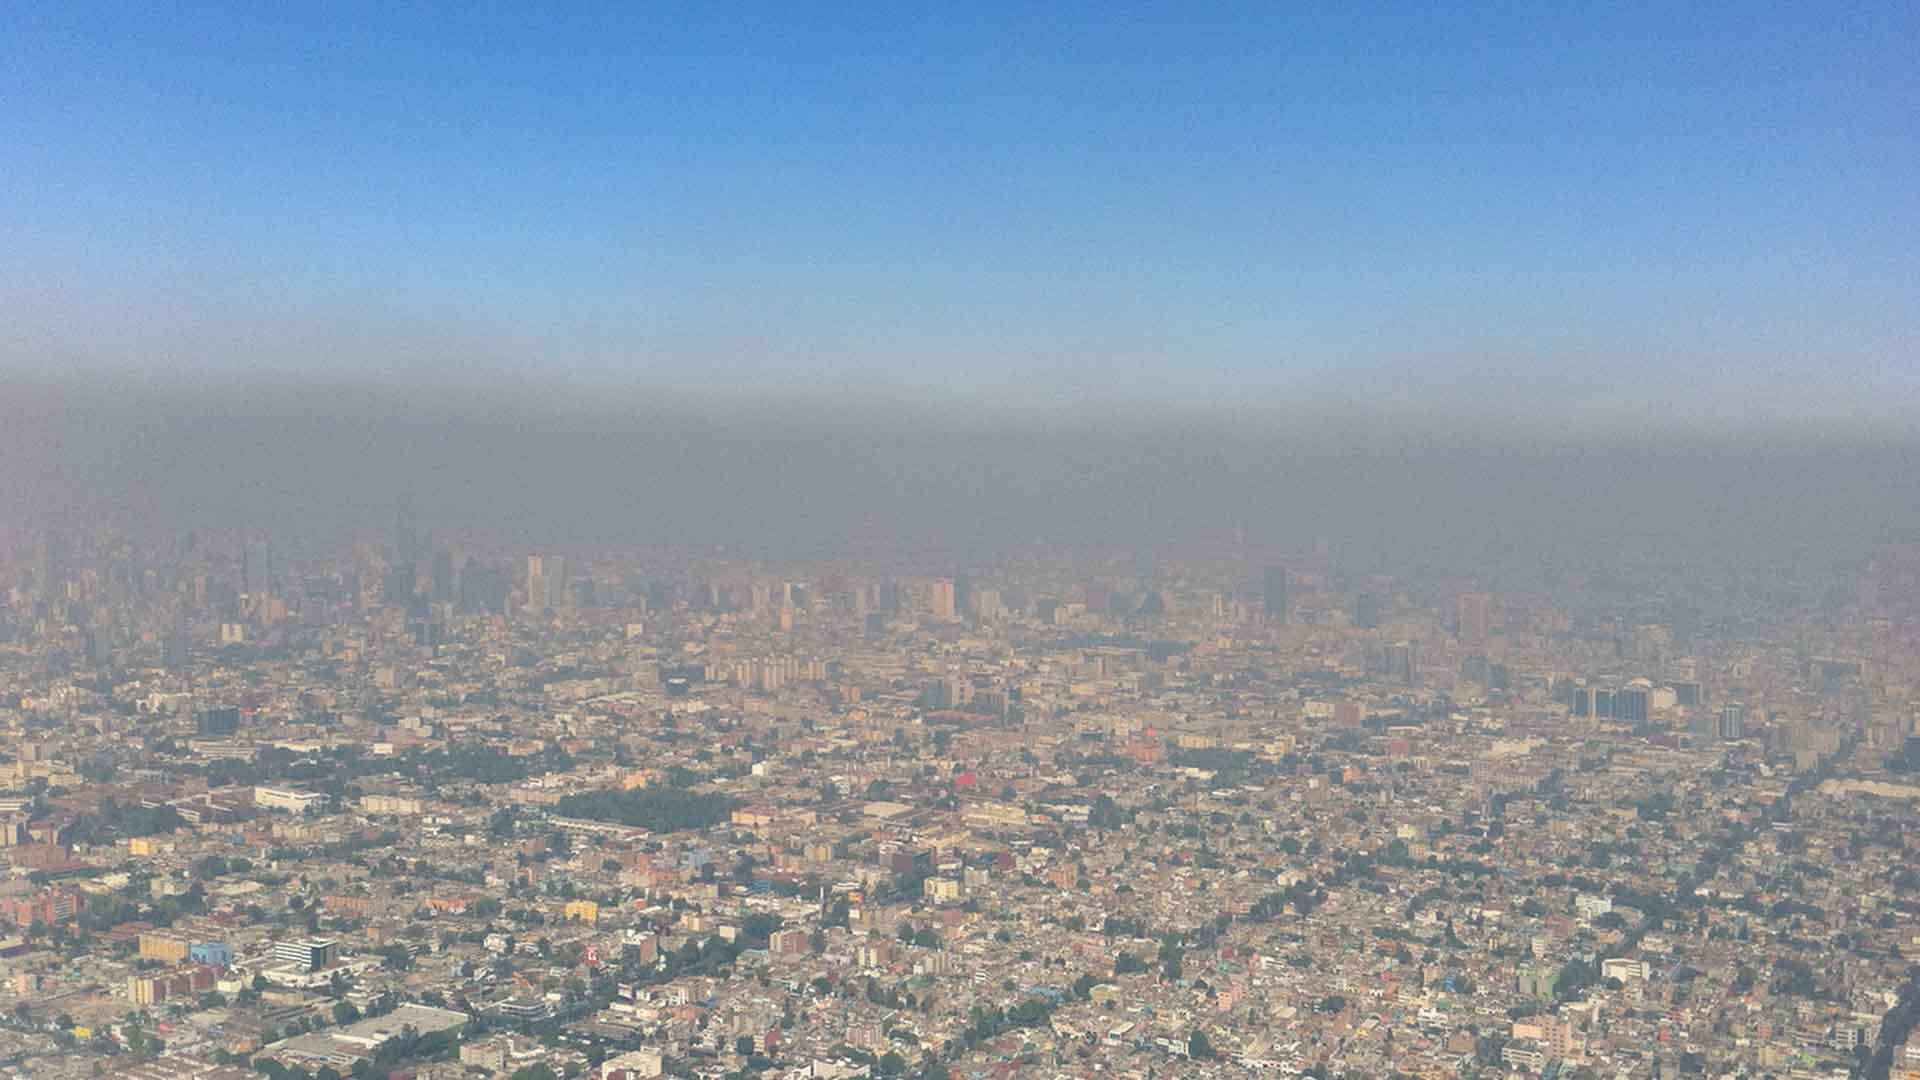 La crescente aridità di Città del Messico sta minacciando la sopravvivenza dei suoi abitanti